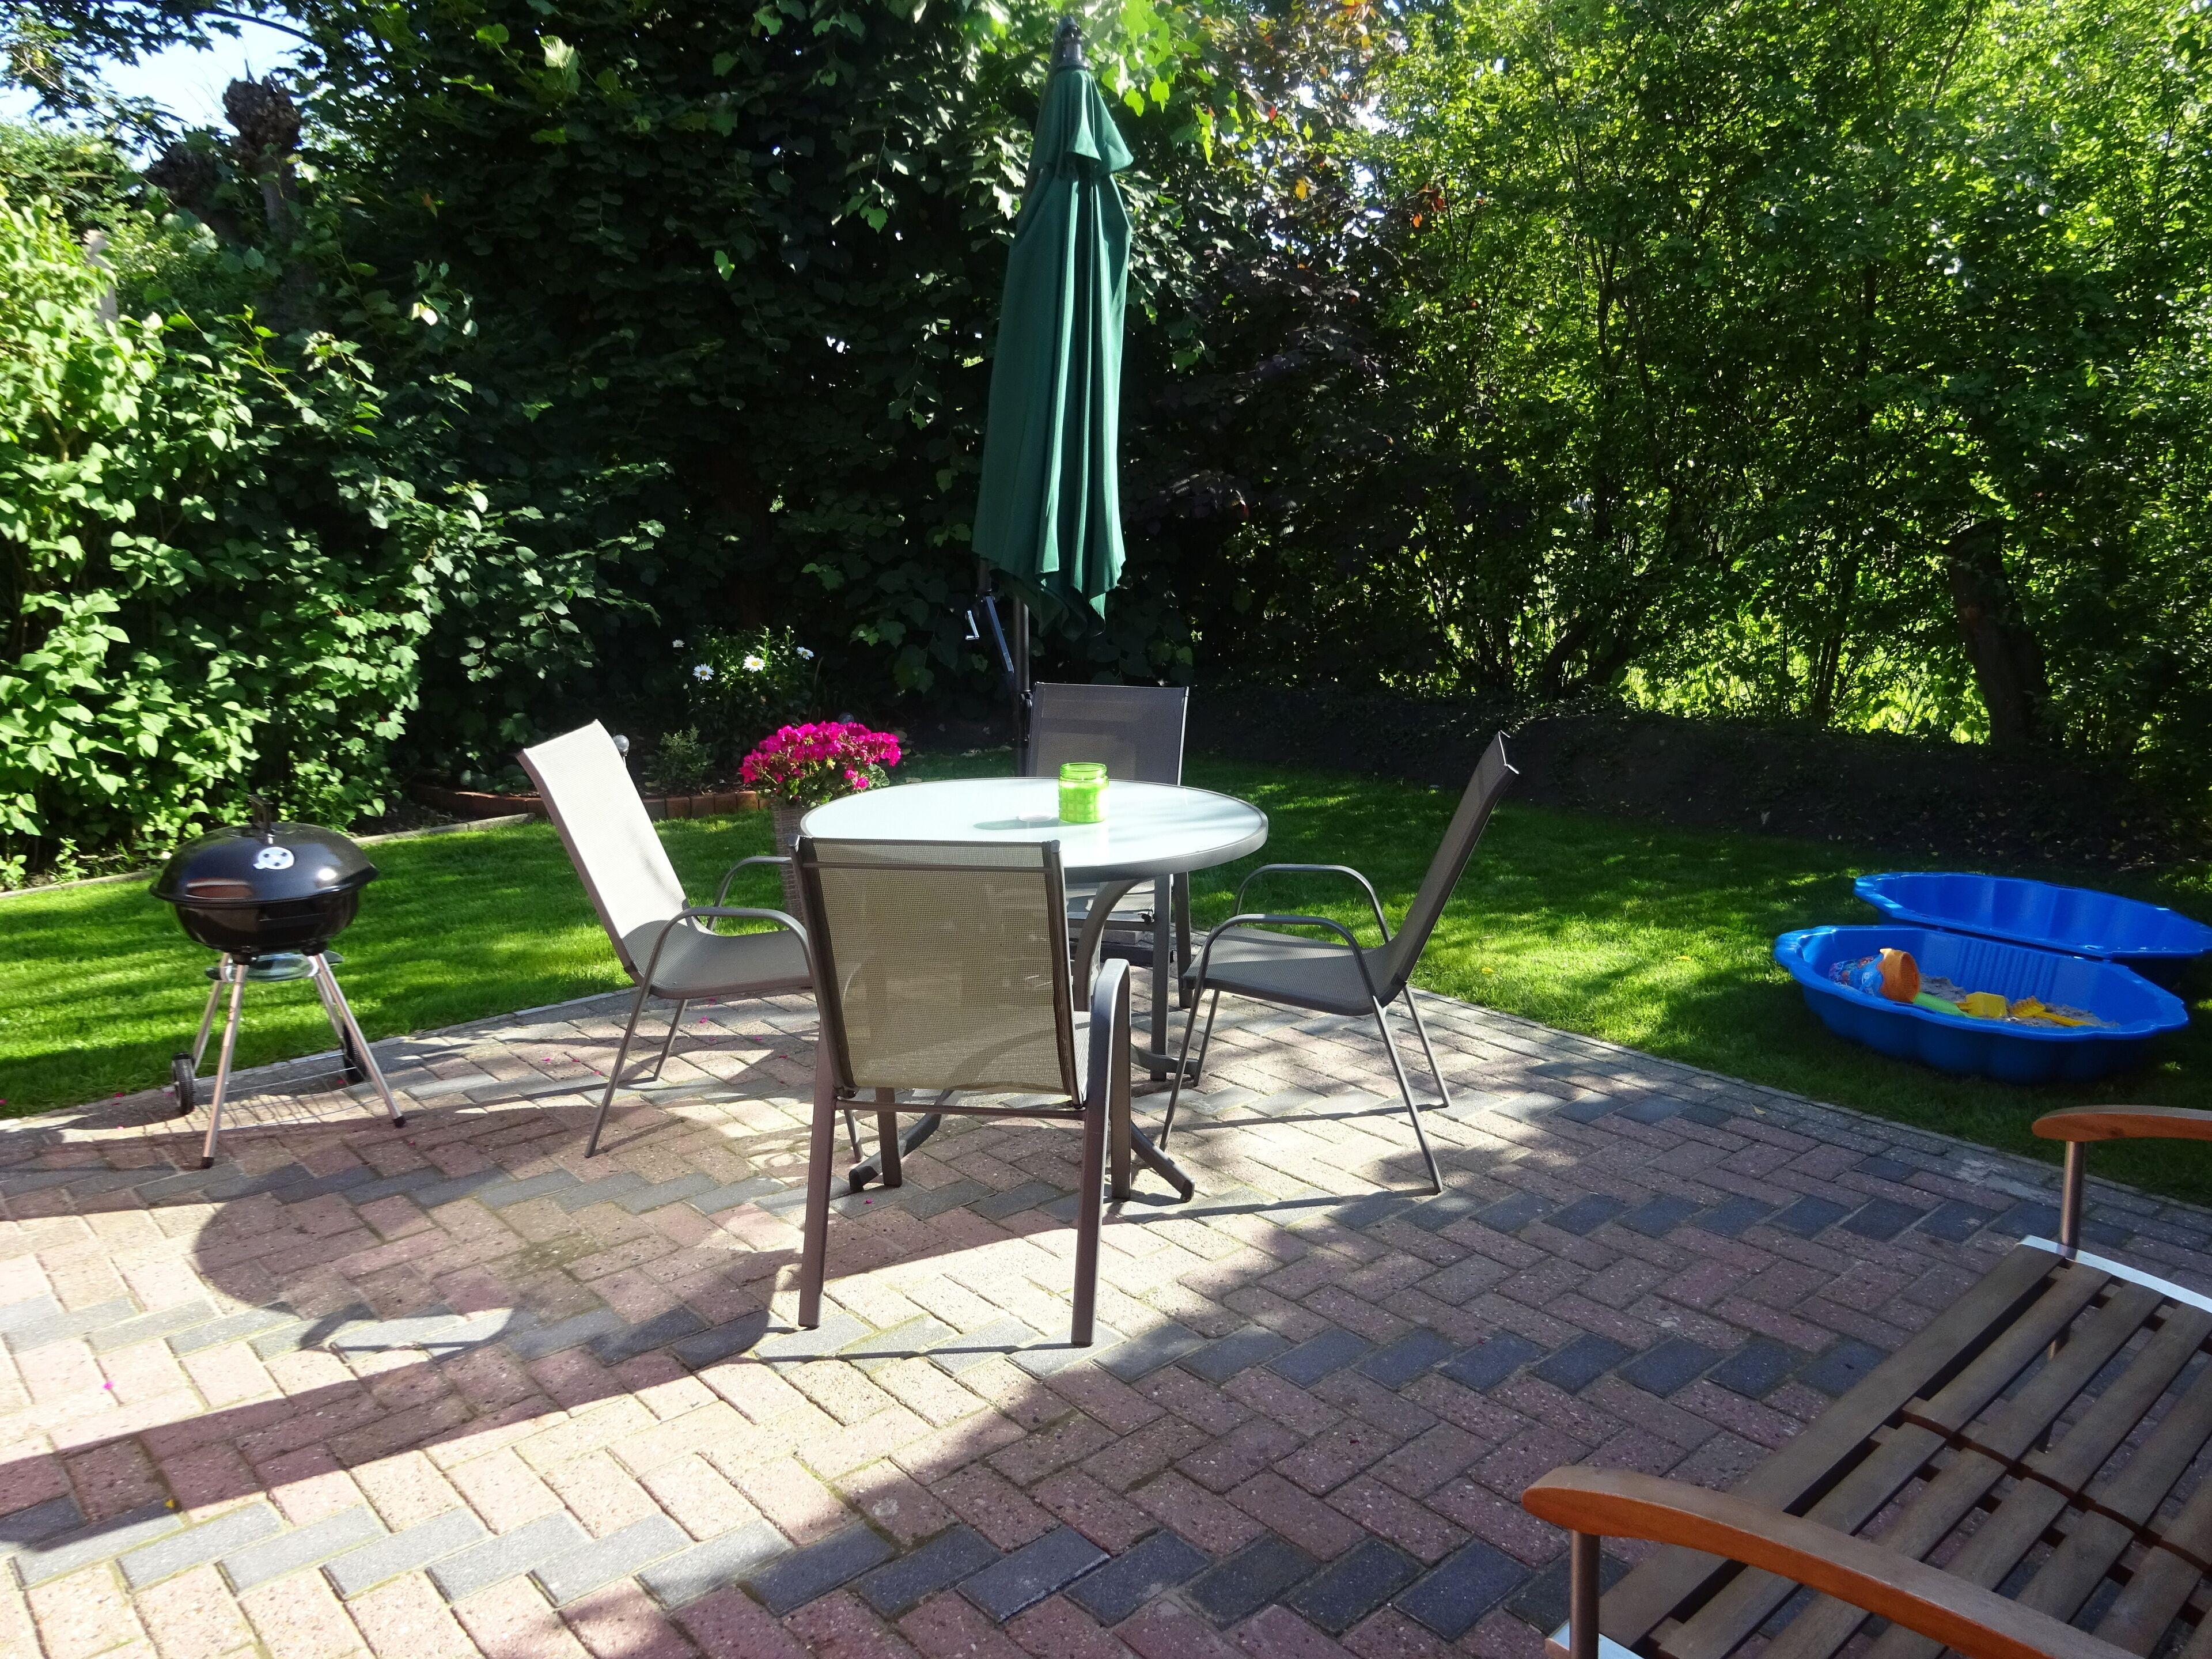 Holiday Home Oll Tuun Rhauderfehn Leer Ostfriesland 6 Pers